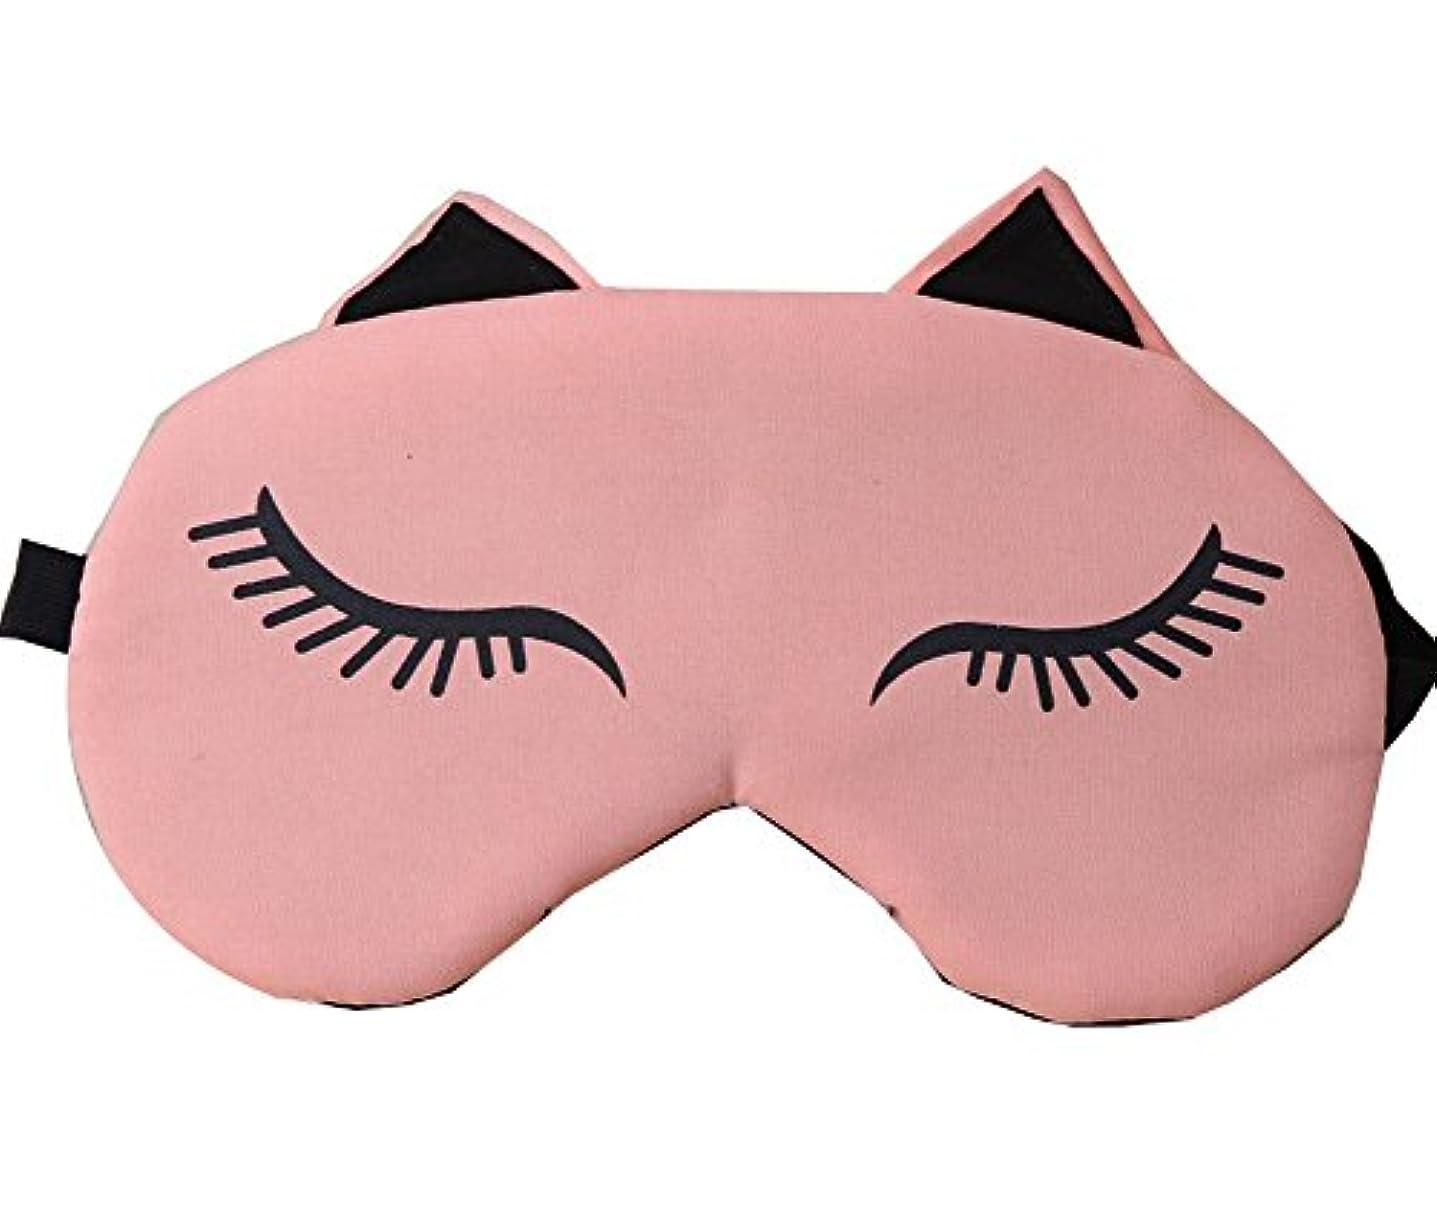 スチュワーデス好み闇かわいい漫画のデザインアイマスク睡眠飛行機の旅行シフト作業のためのマスク、#20